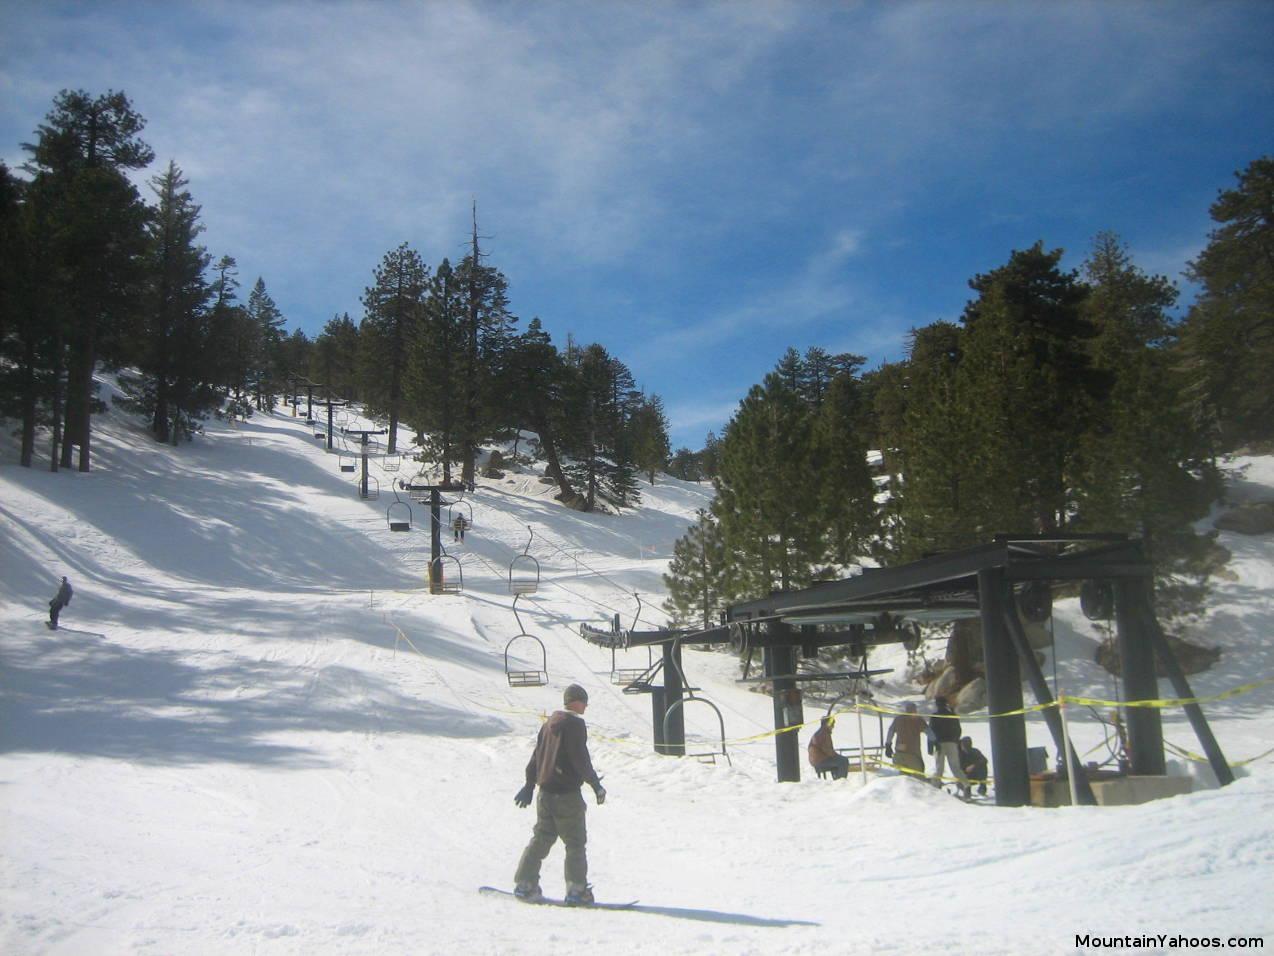 mount waterman california (us) ski resort guide